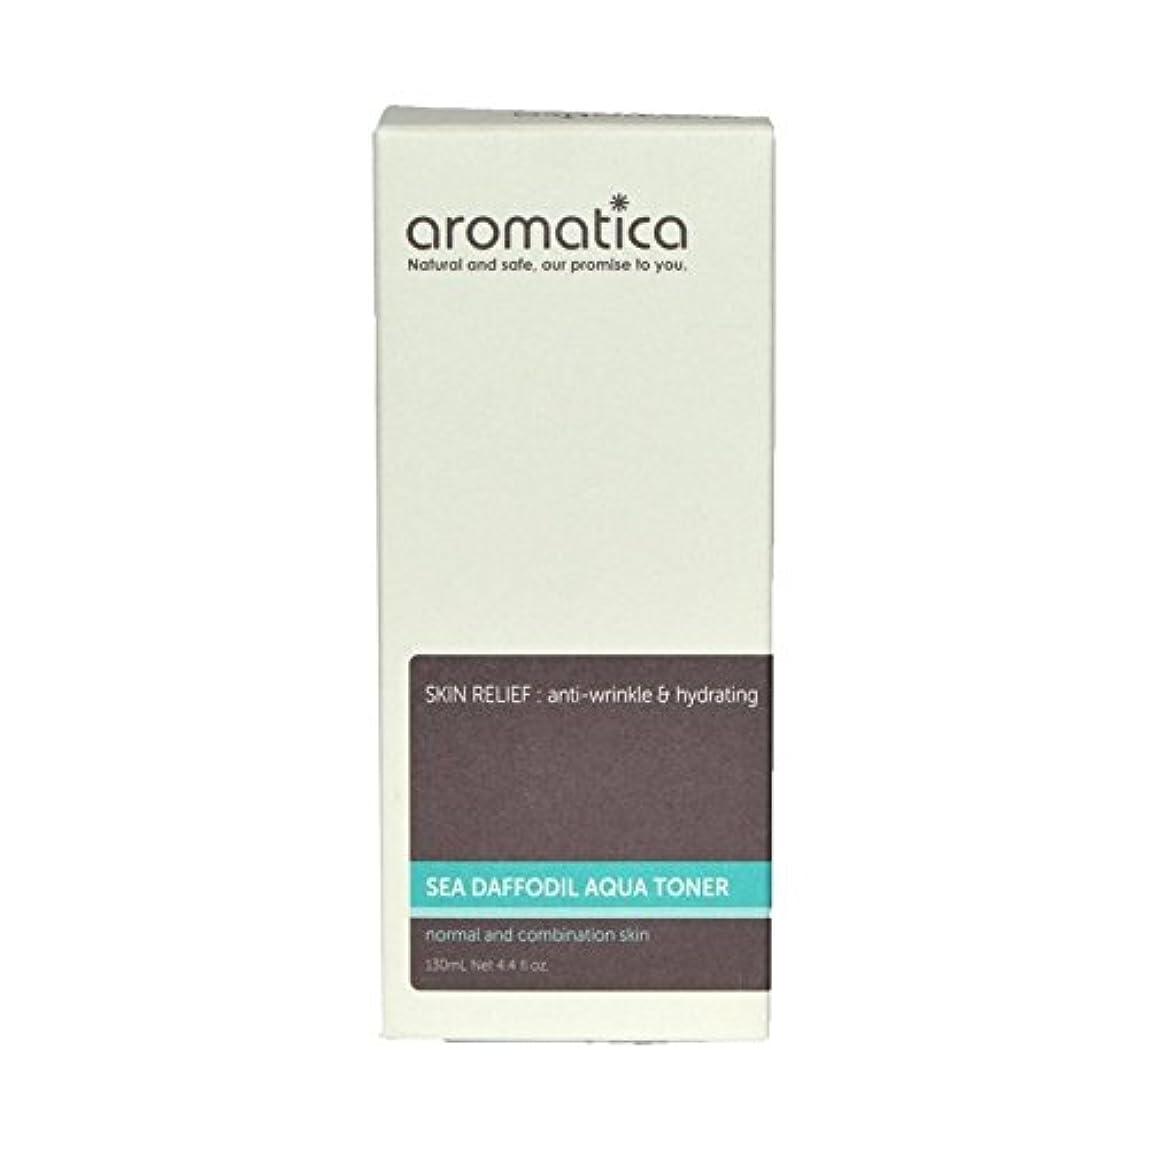 姿を消す予防接種配管工aromatica Sea Daffodil Aqua Toner 130ml - 海スイセンアクアトナー130ミリリットル [並行輸入品]